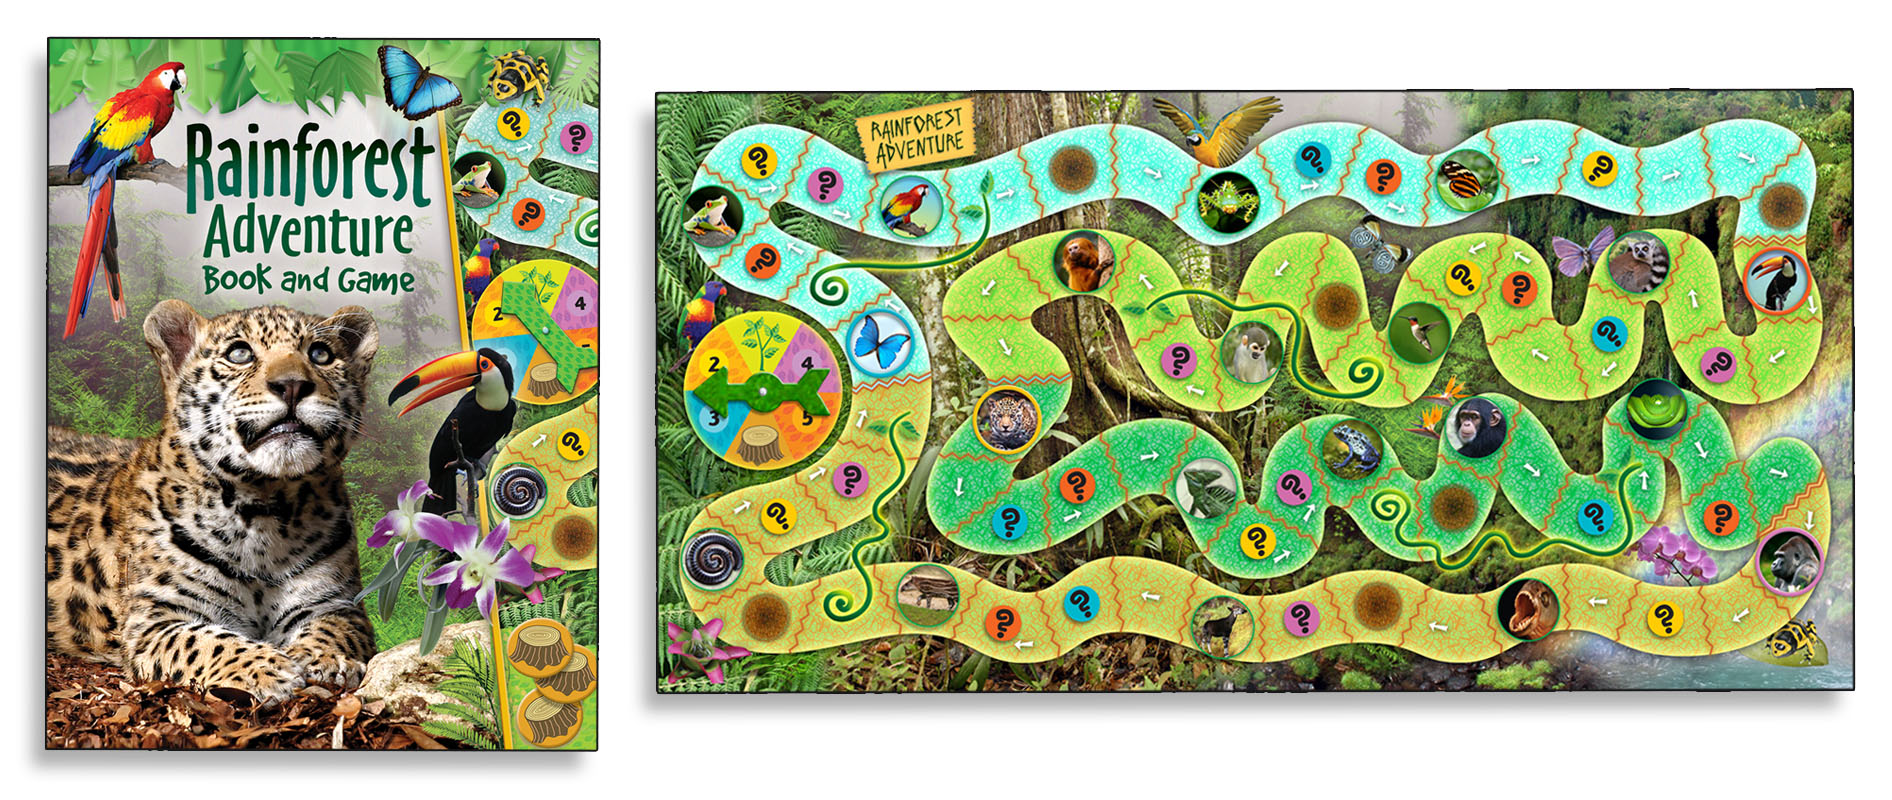 Rainforest Gamebook